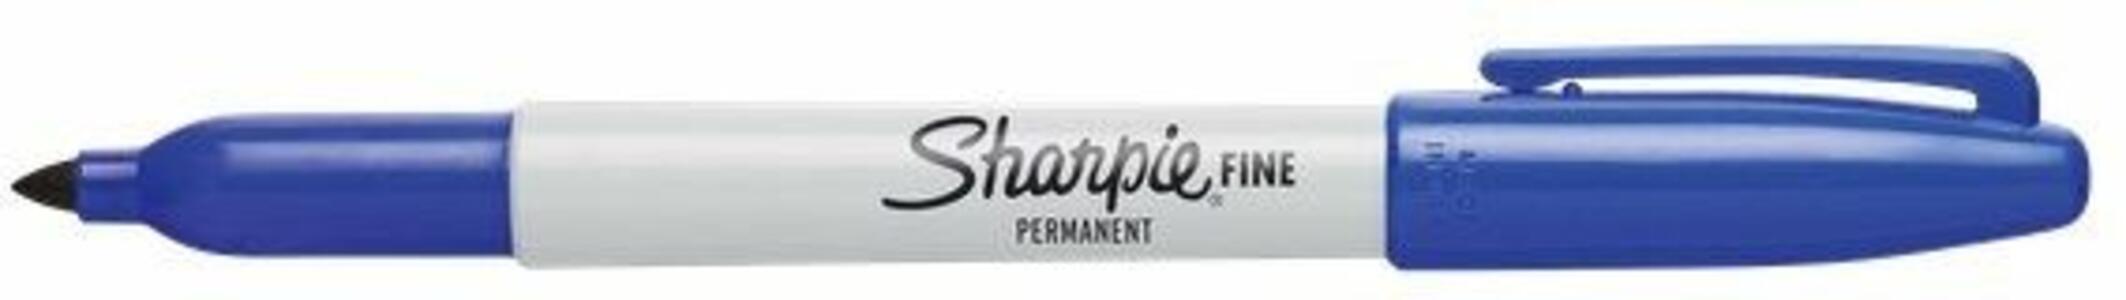 Marcatore permanente Sharpie fine blu punta tonda 1 mm